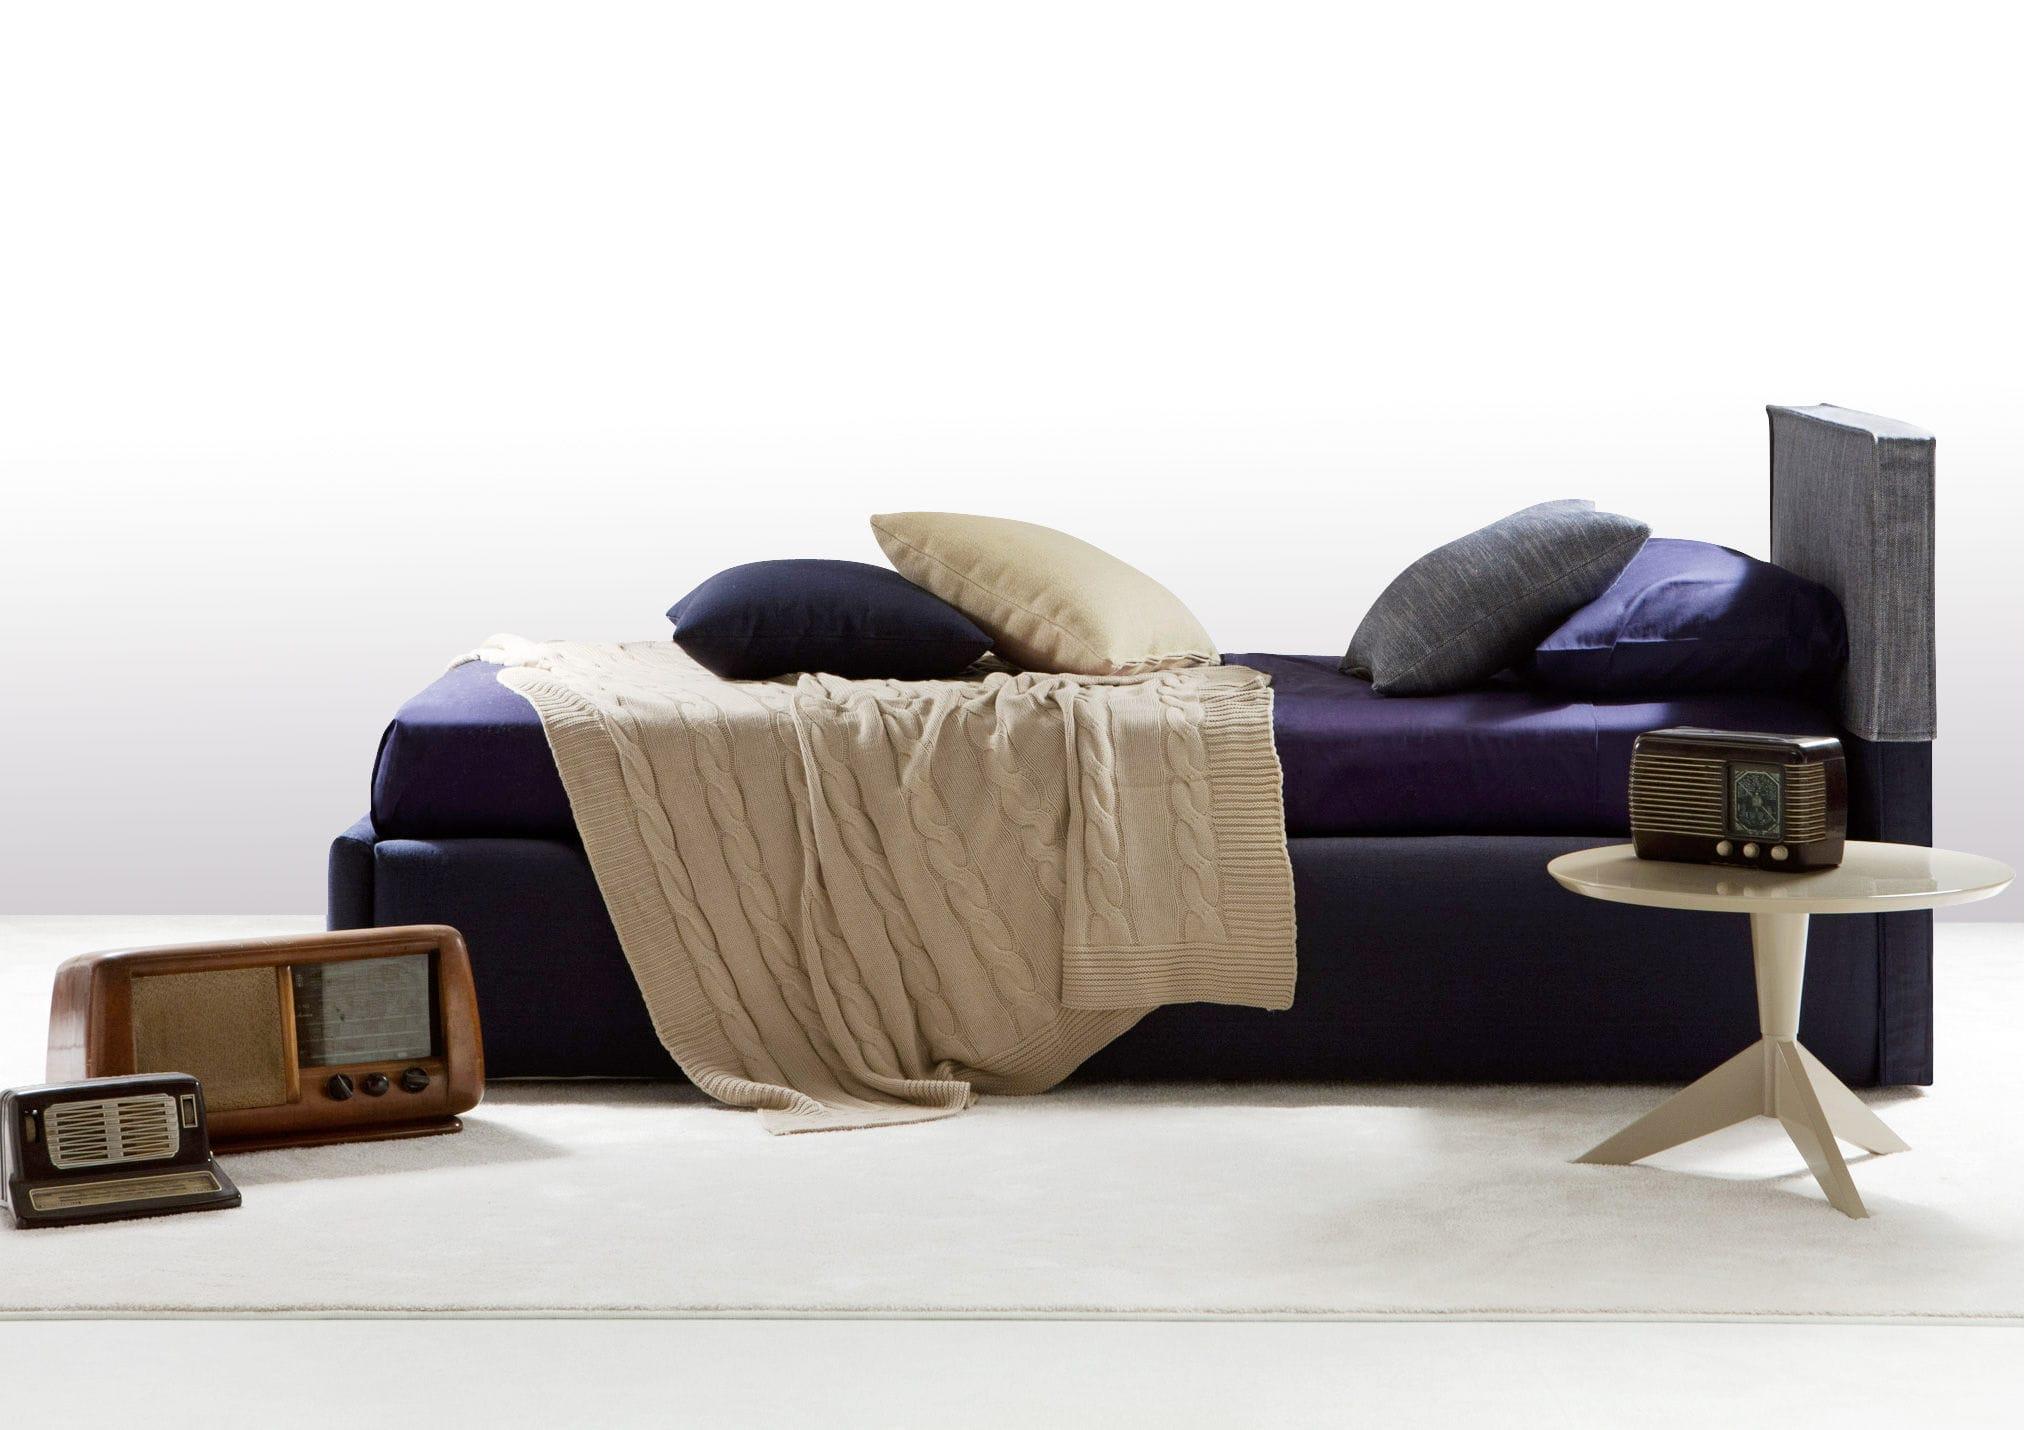 ausziehbett einzel modern fr kinder summer b - Modernes Tagesbett Mit Ausziehbett